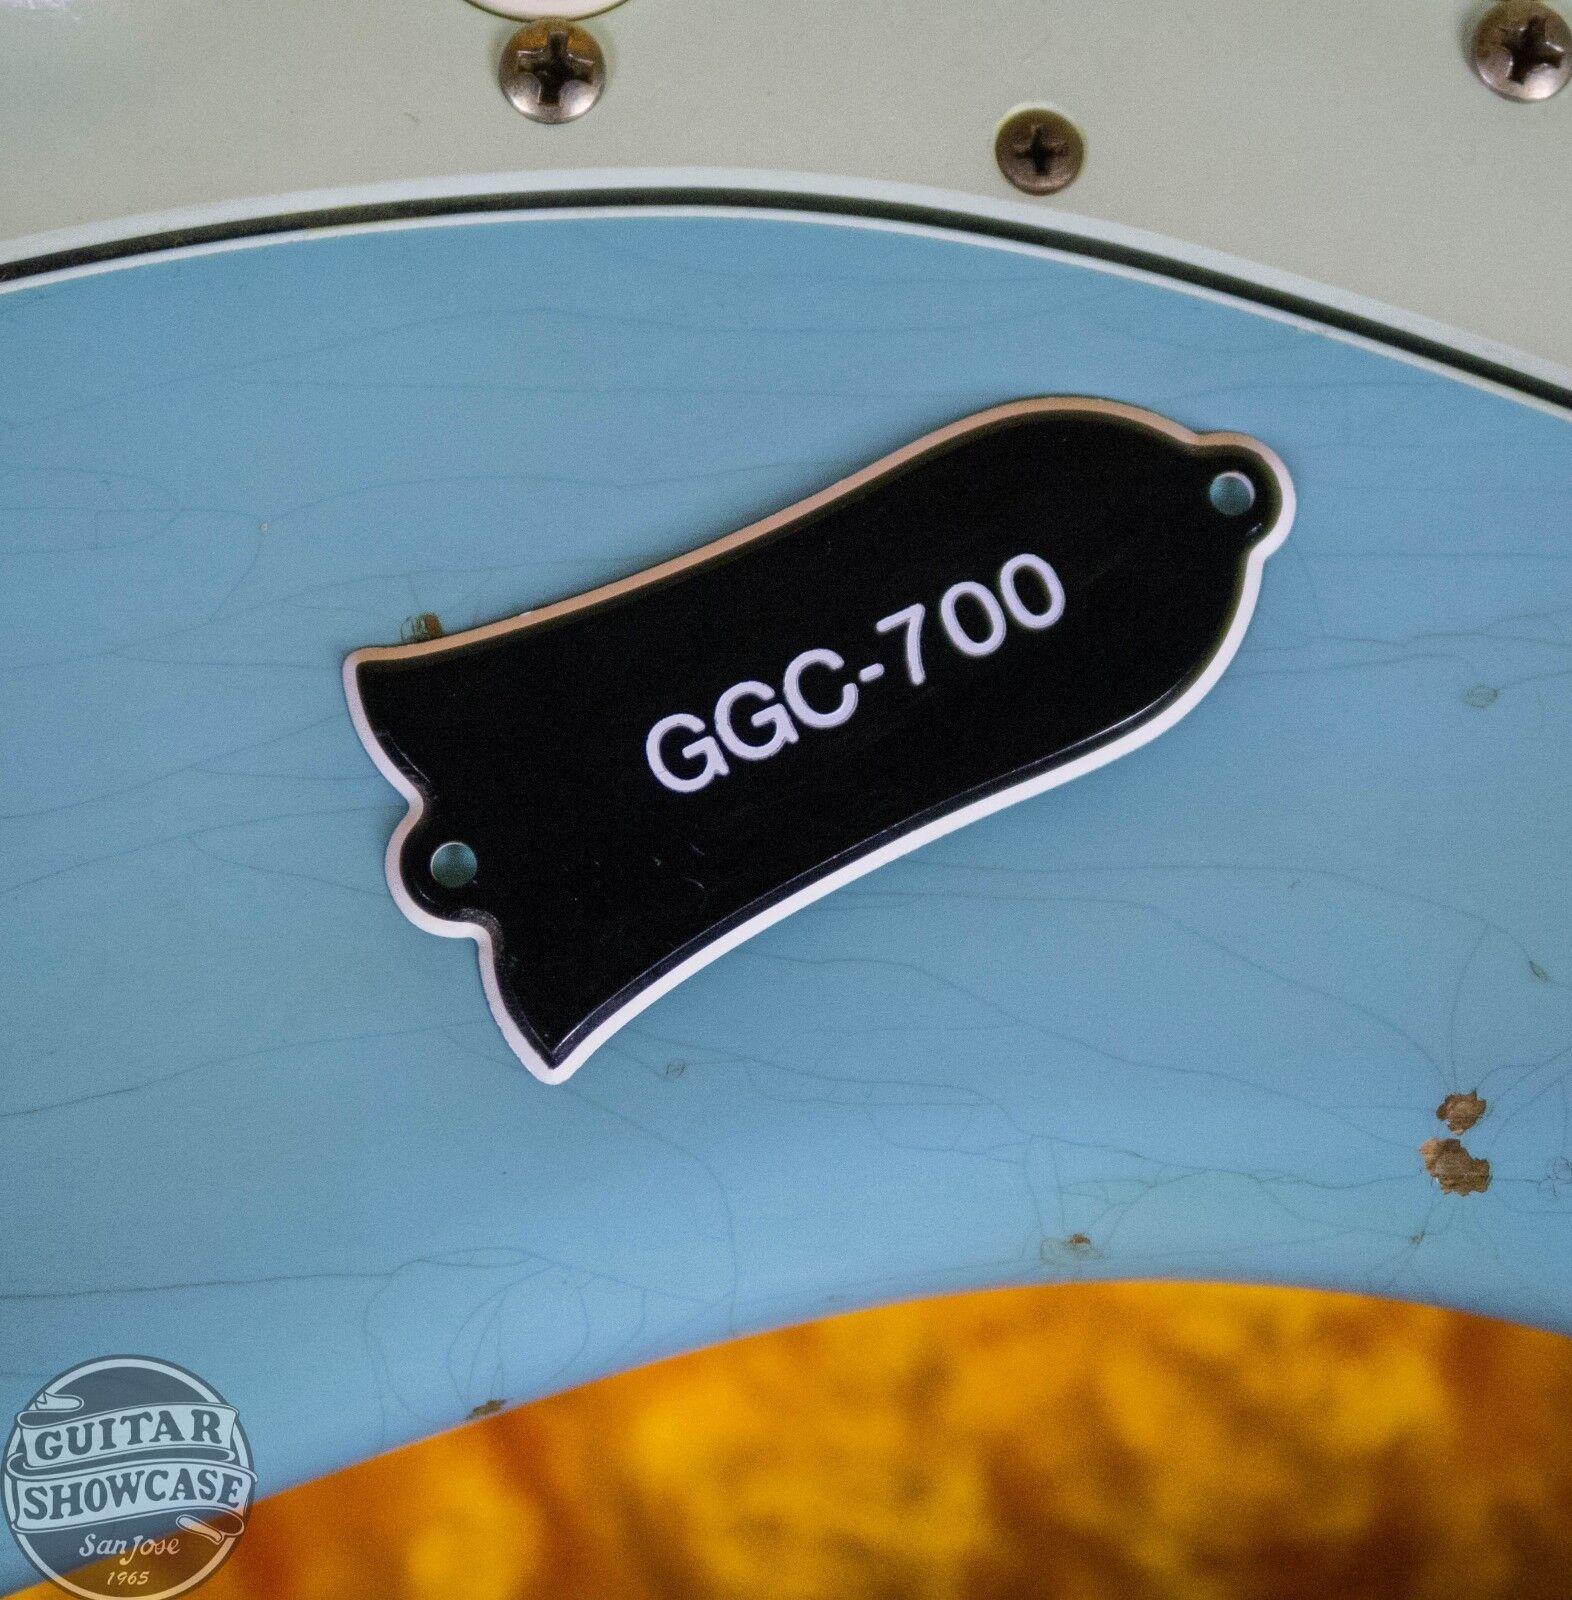 Rare NOS Gibson  GGC - 700  Truss Rod Cover Vintage 1981-1982